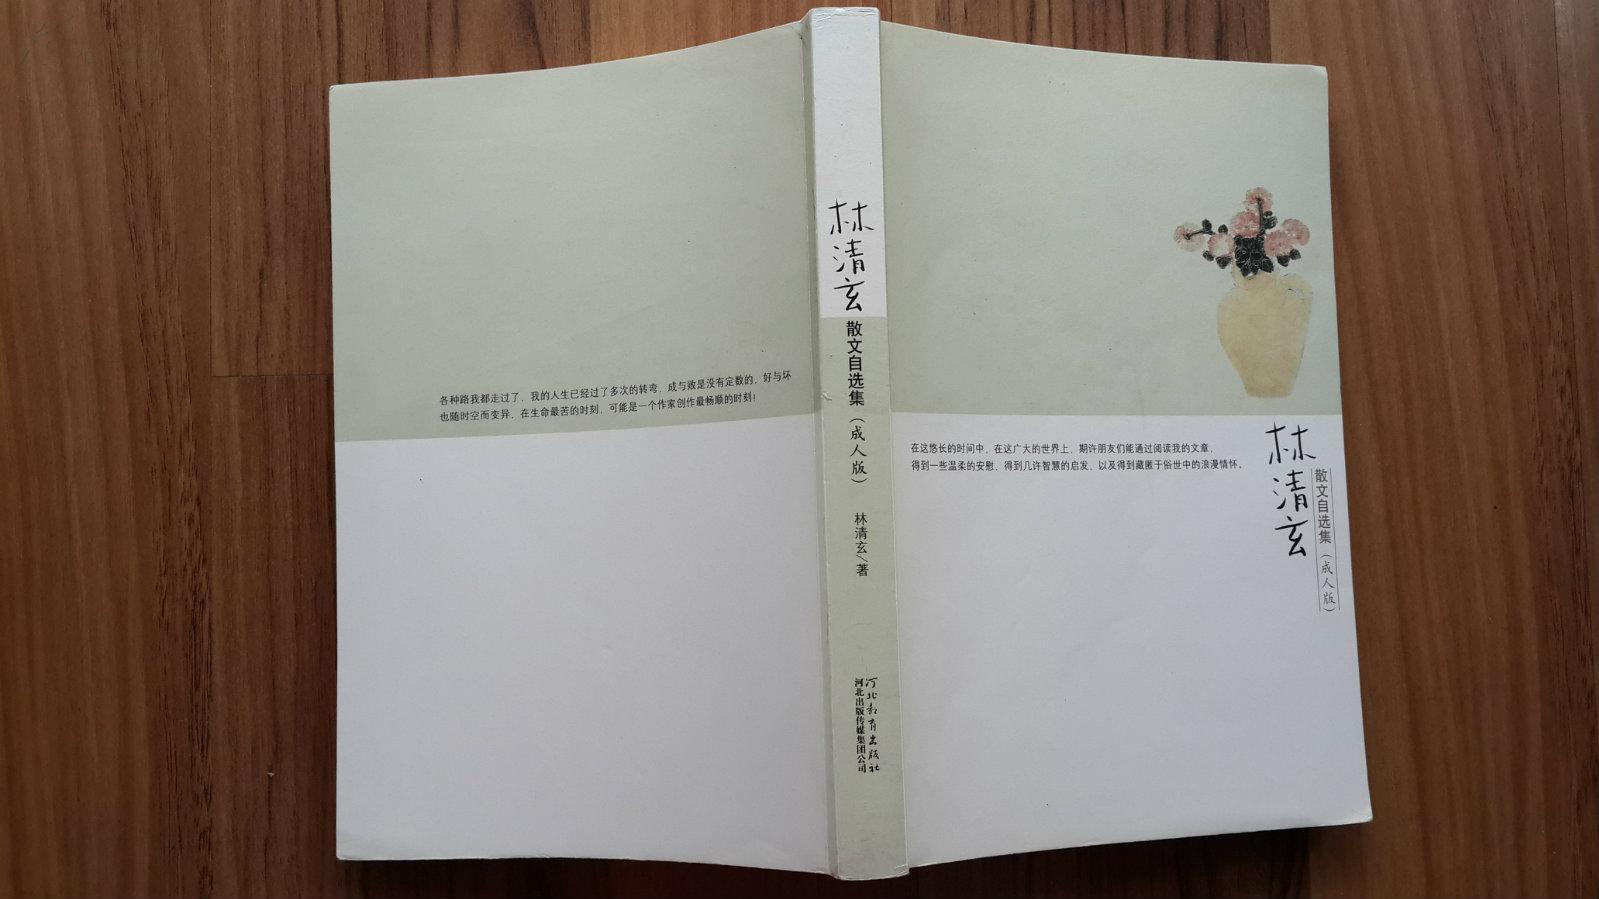 林清玄散文自选集(成人版)